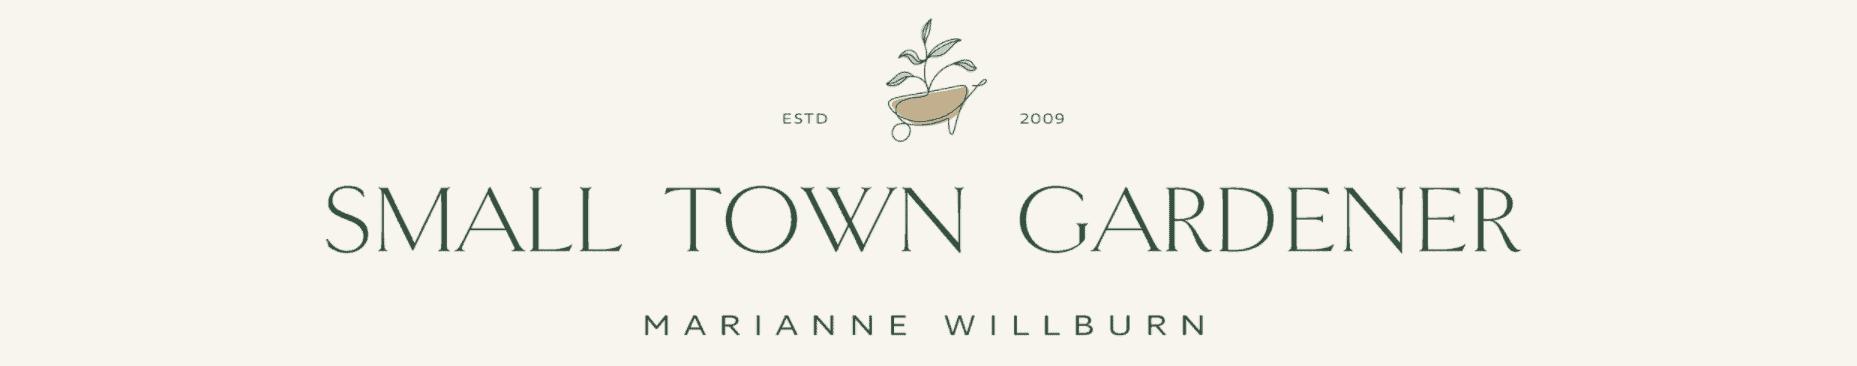 Small Town Gardener blog banner